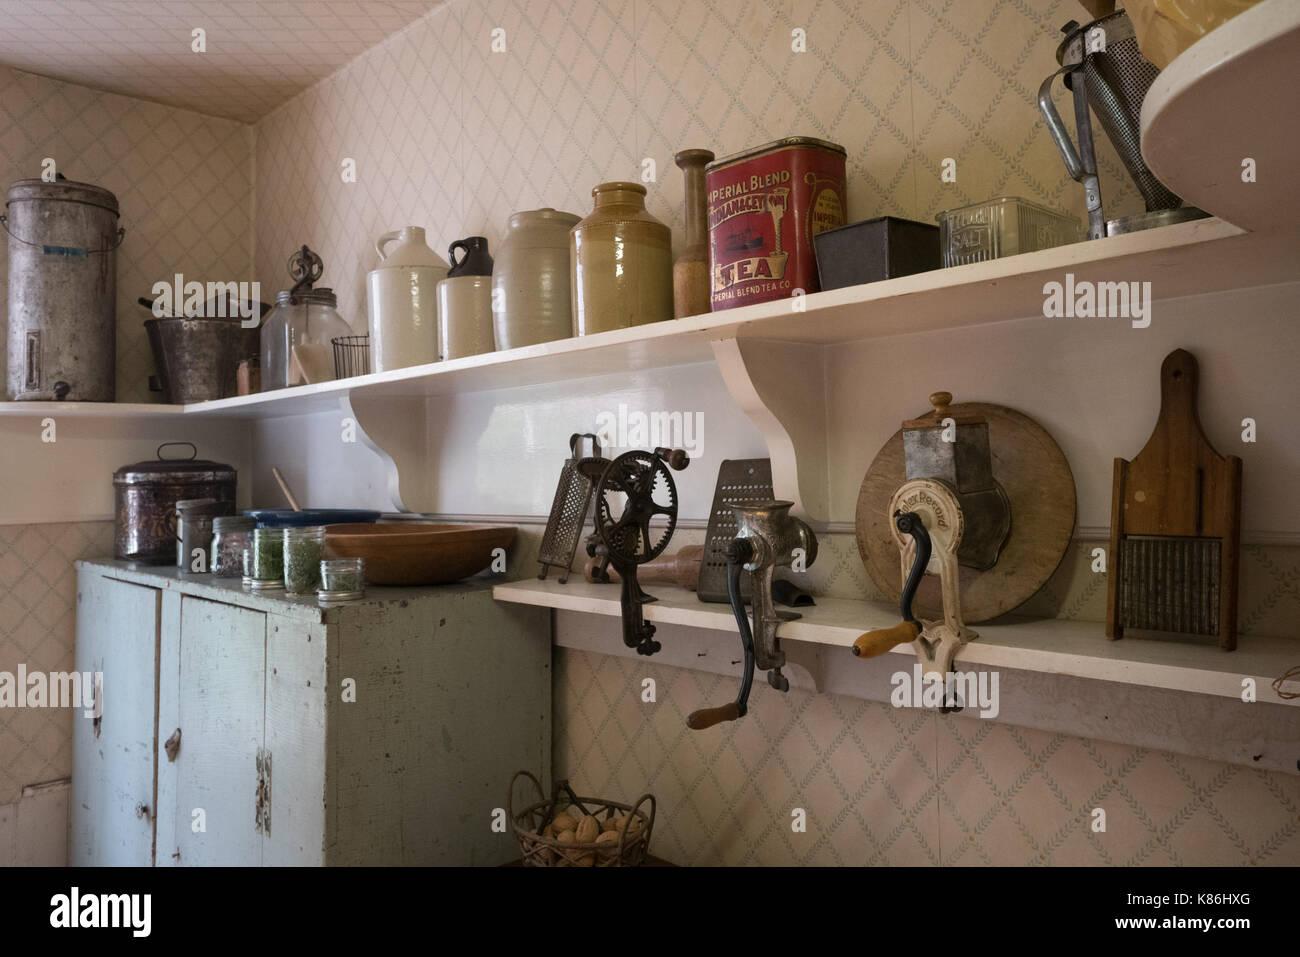 Dentro de una casa histórica de 1800, la vida diaria de la gente del pasado en Canadá Imagen De Stock